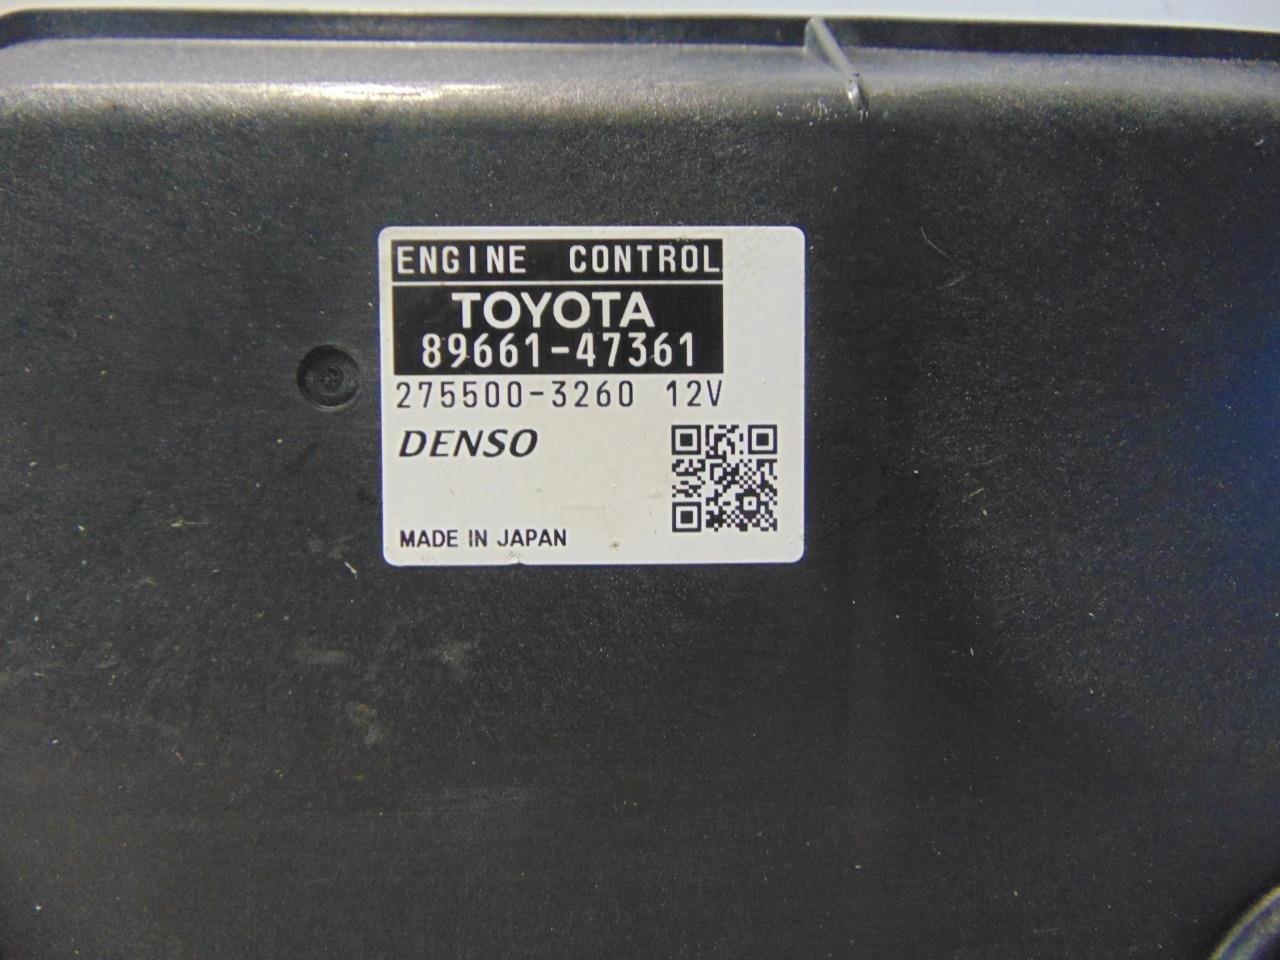 2012 Toyota Prius ecu ecm computer 89661-47361